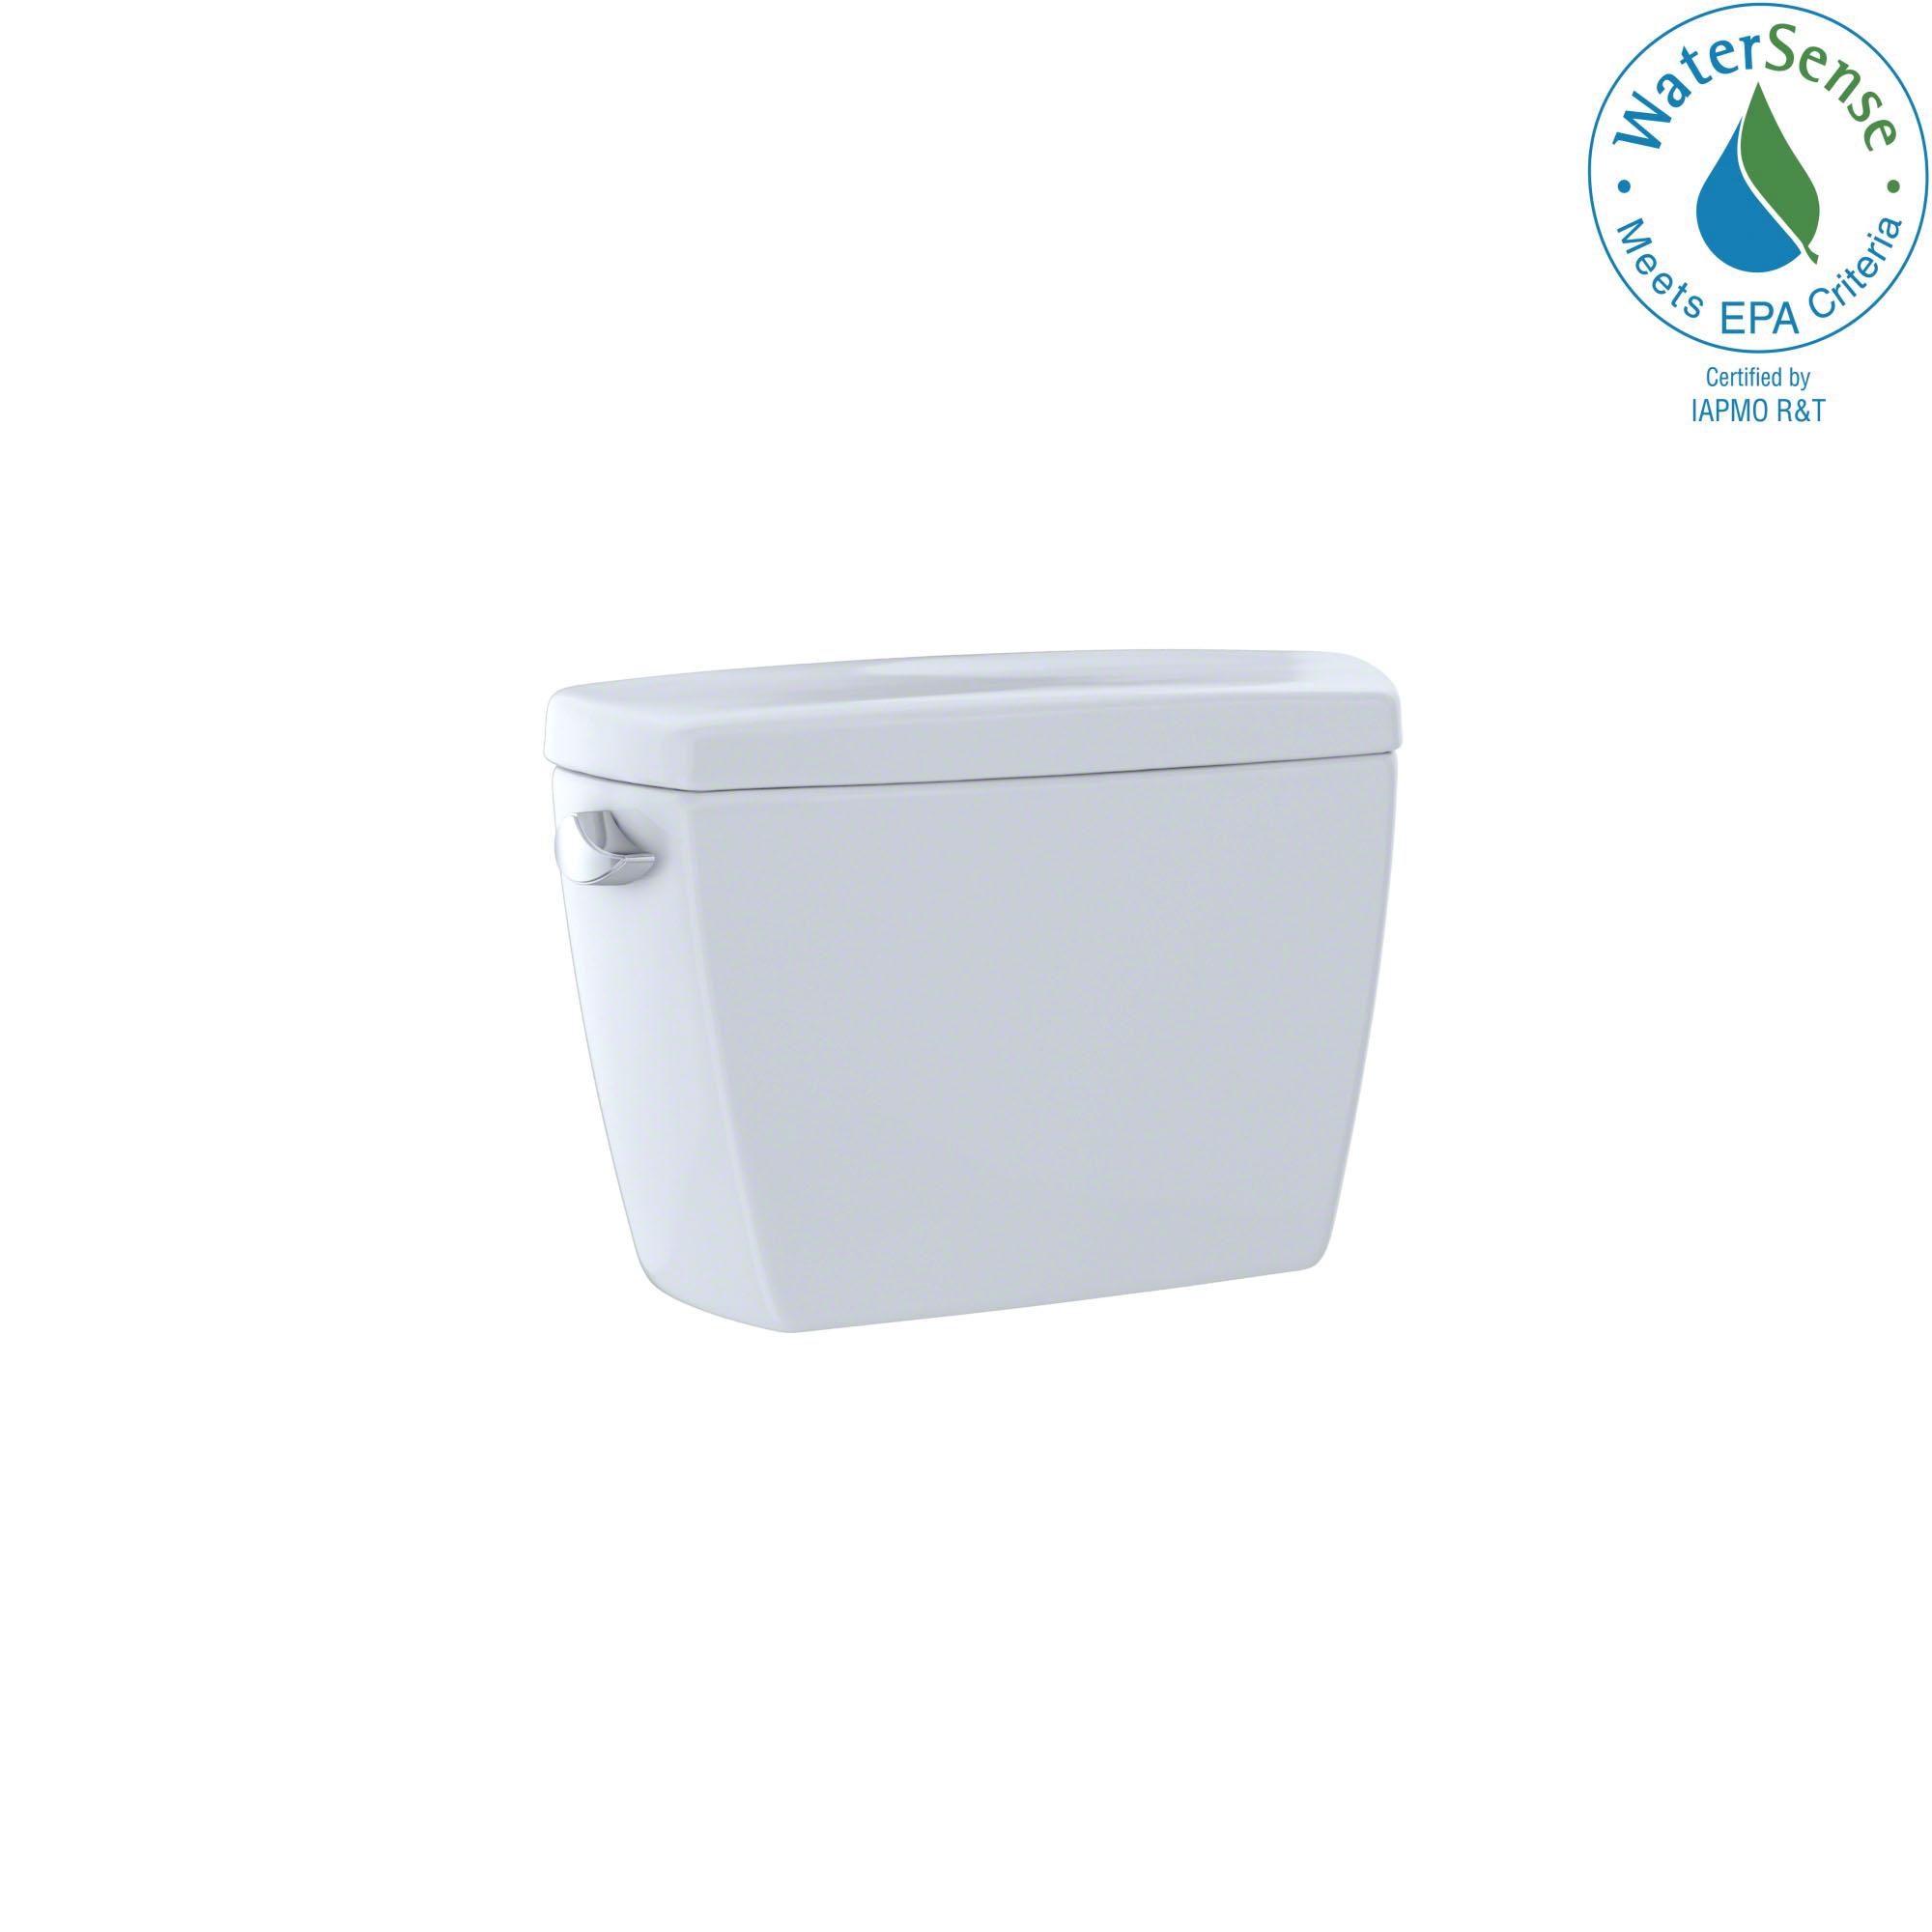 Toto® ST743E#01 Toilet Tank, 1.28, Left Hand Lever Flush, Cotton White, Import